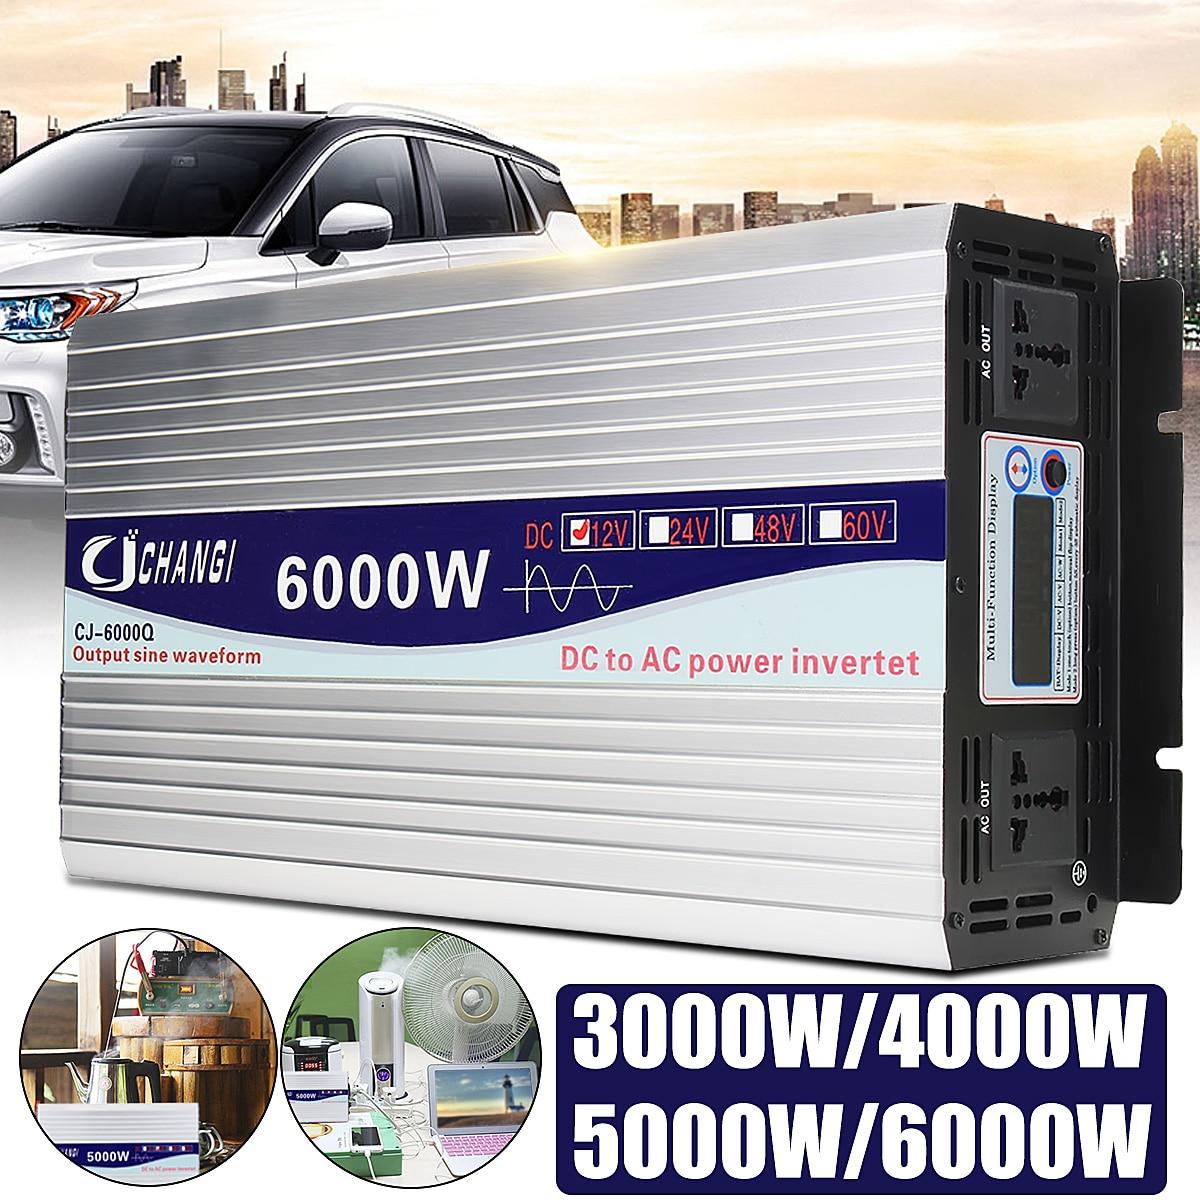 Инвертор 12 В до 220 В 3000/4000/5000/6000 Вт Напряжение трансформатор Мощность Солнечный Инвертор Чистая синусоида адаптер конвертер ЖК-дисплей Экран